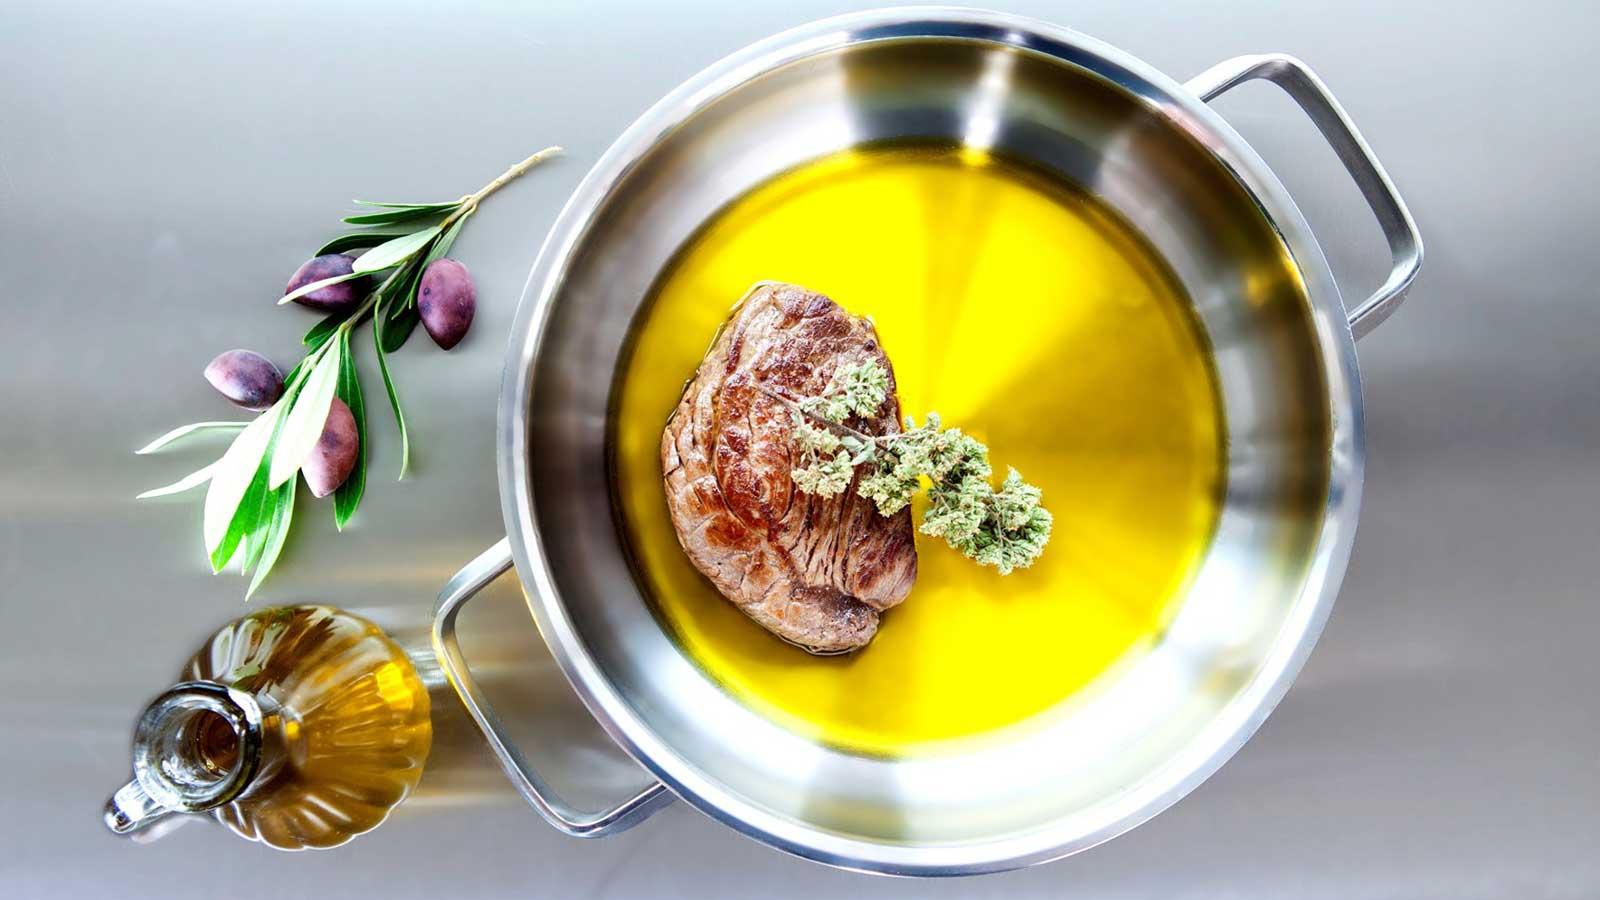 Olivenöl als gutes fett nutzen